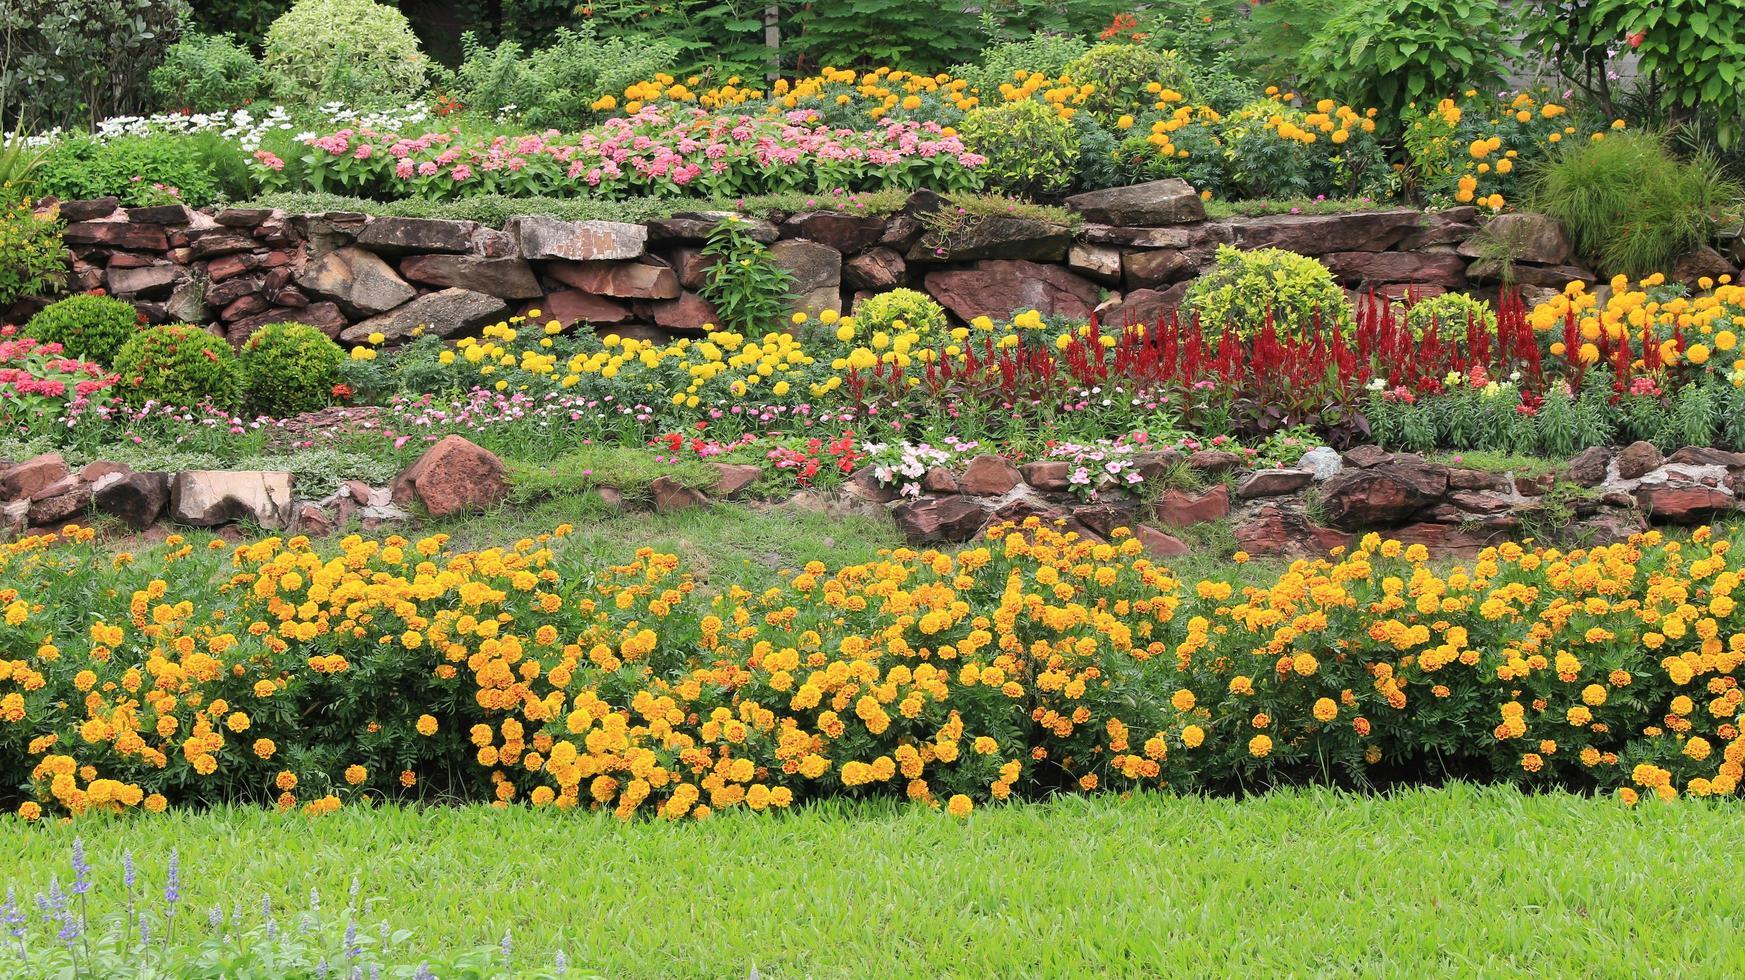 Macizos de flores de varias capas en el jardín foto